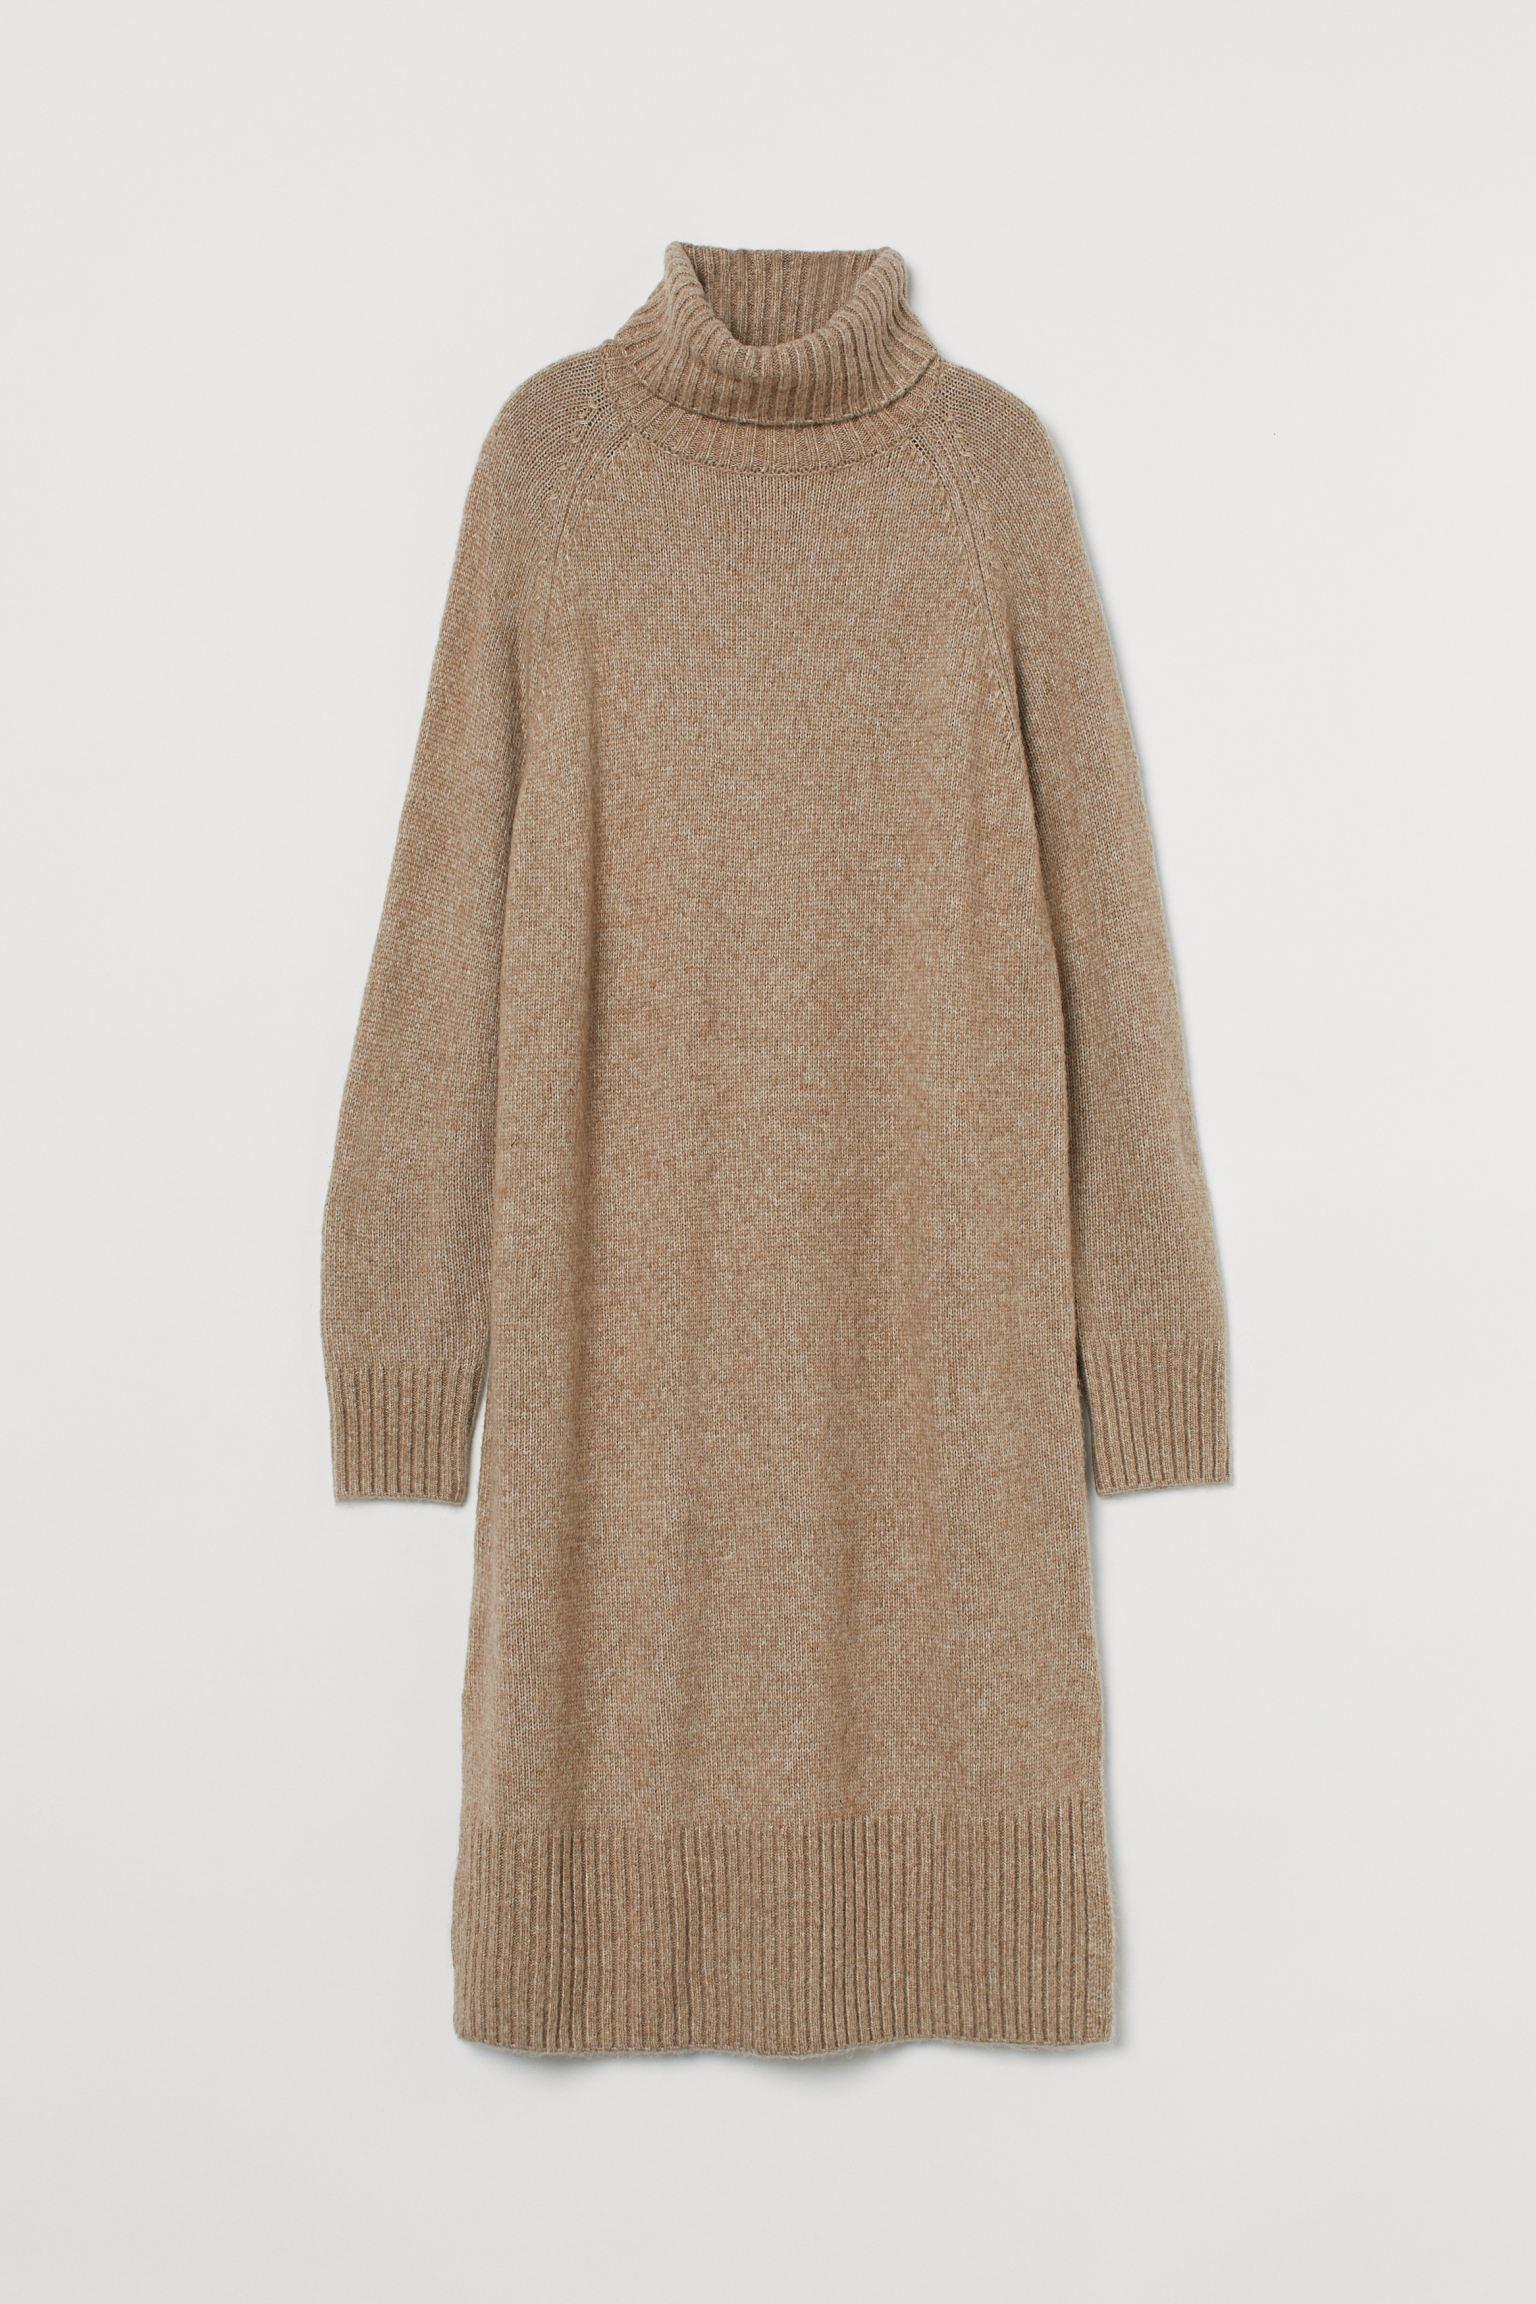 Vestido midi en punto suave con lana en la trama. Modelo con mangas raglán largas, cuello alto de canalé y aberturas laterales cortas. Puños y bajo en punto de canalé.